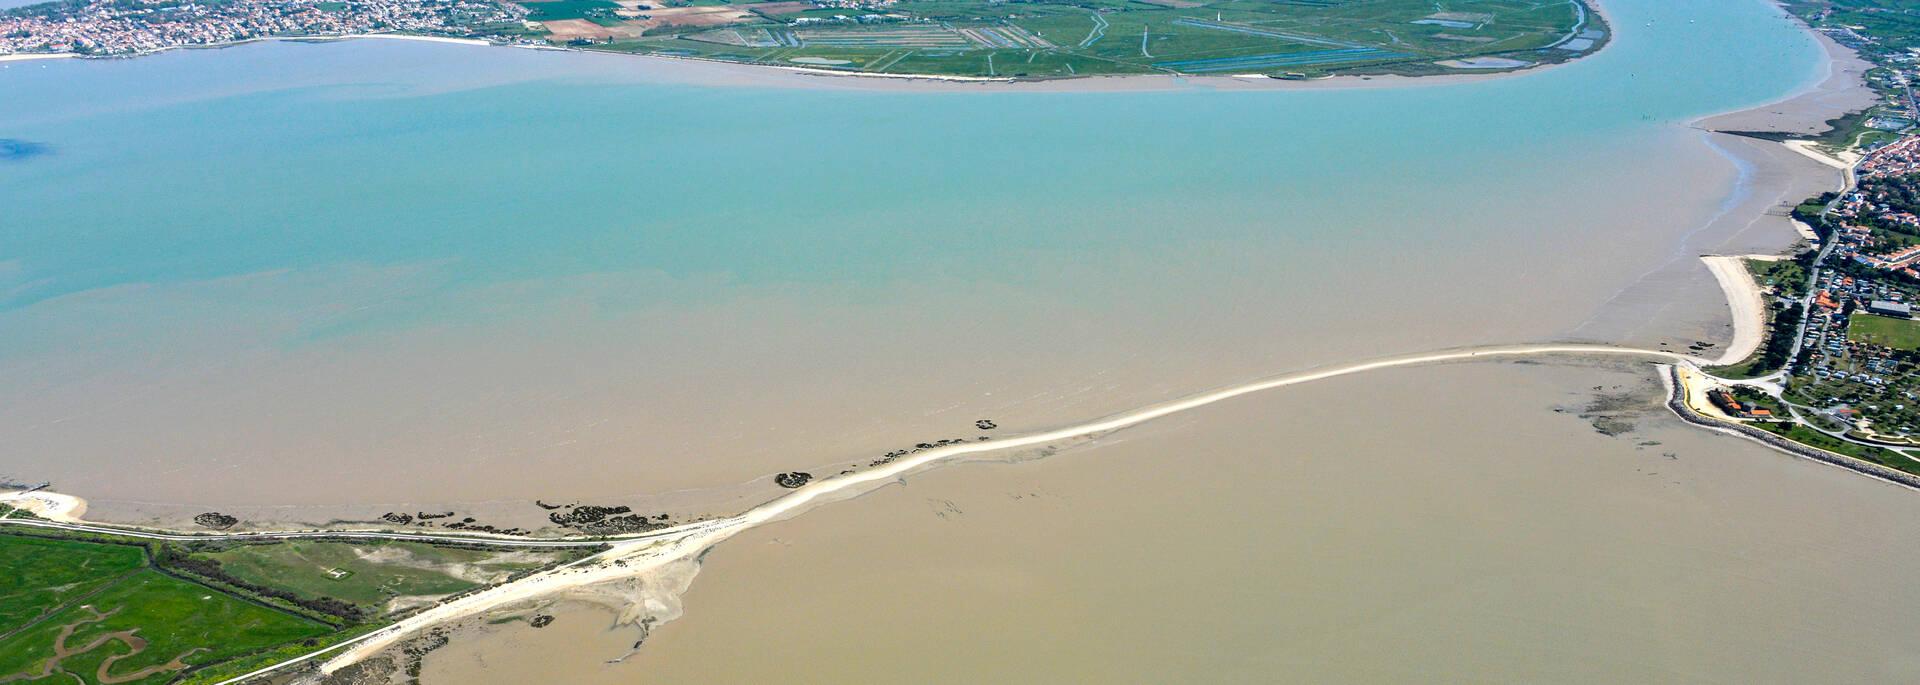 La passe aux boeufs qui relie Port-des-Barques à l'île Madame, à l'estuaire de la Charente - ©  Patrice Blot - DREAL